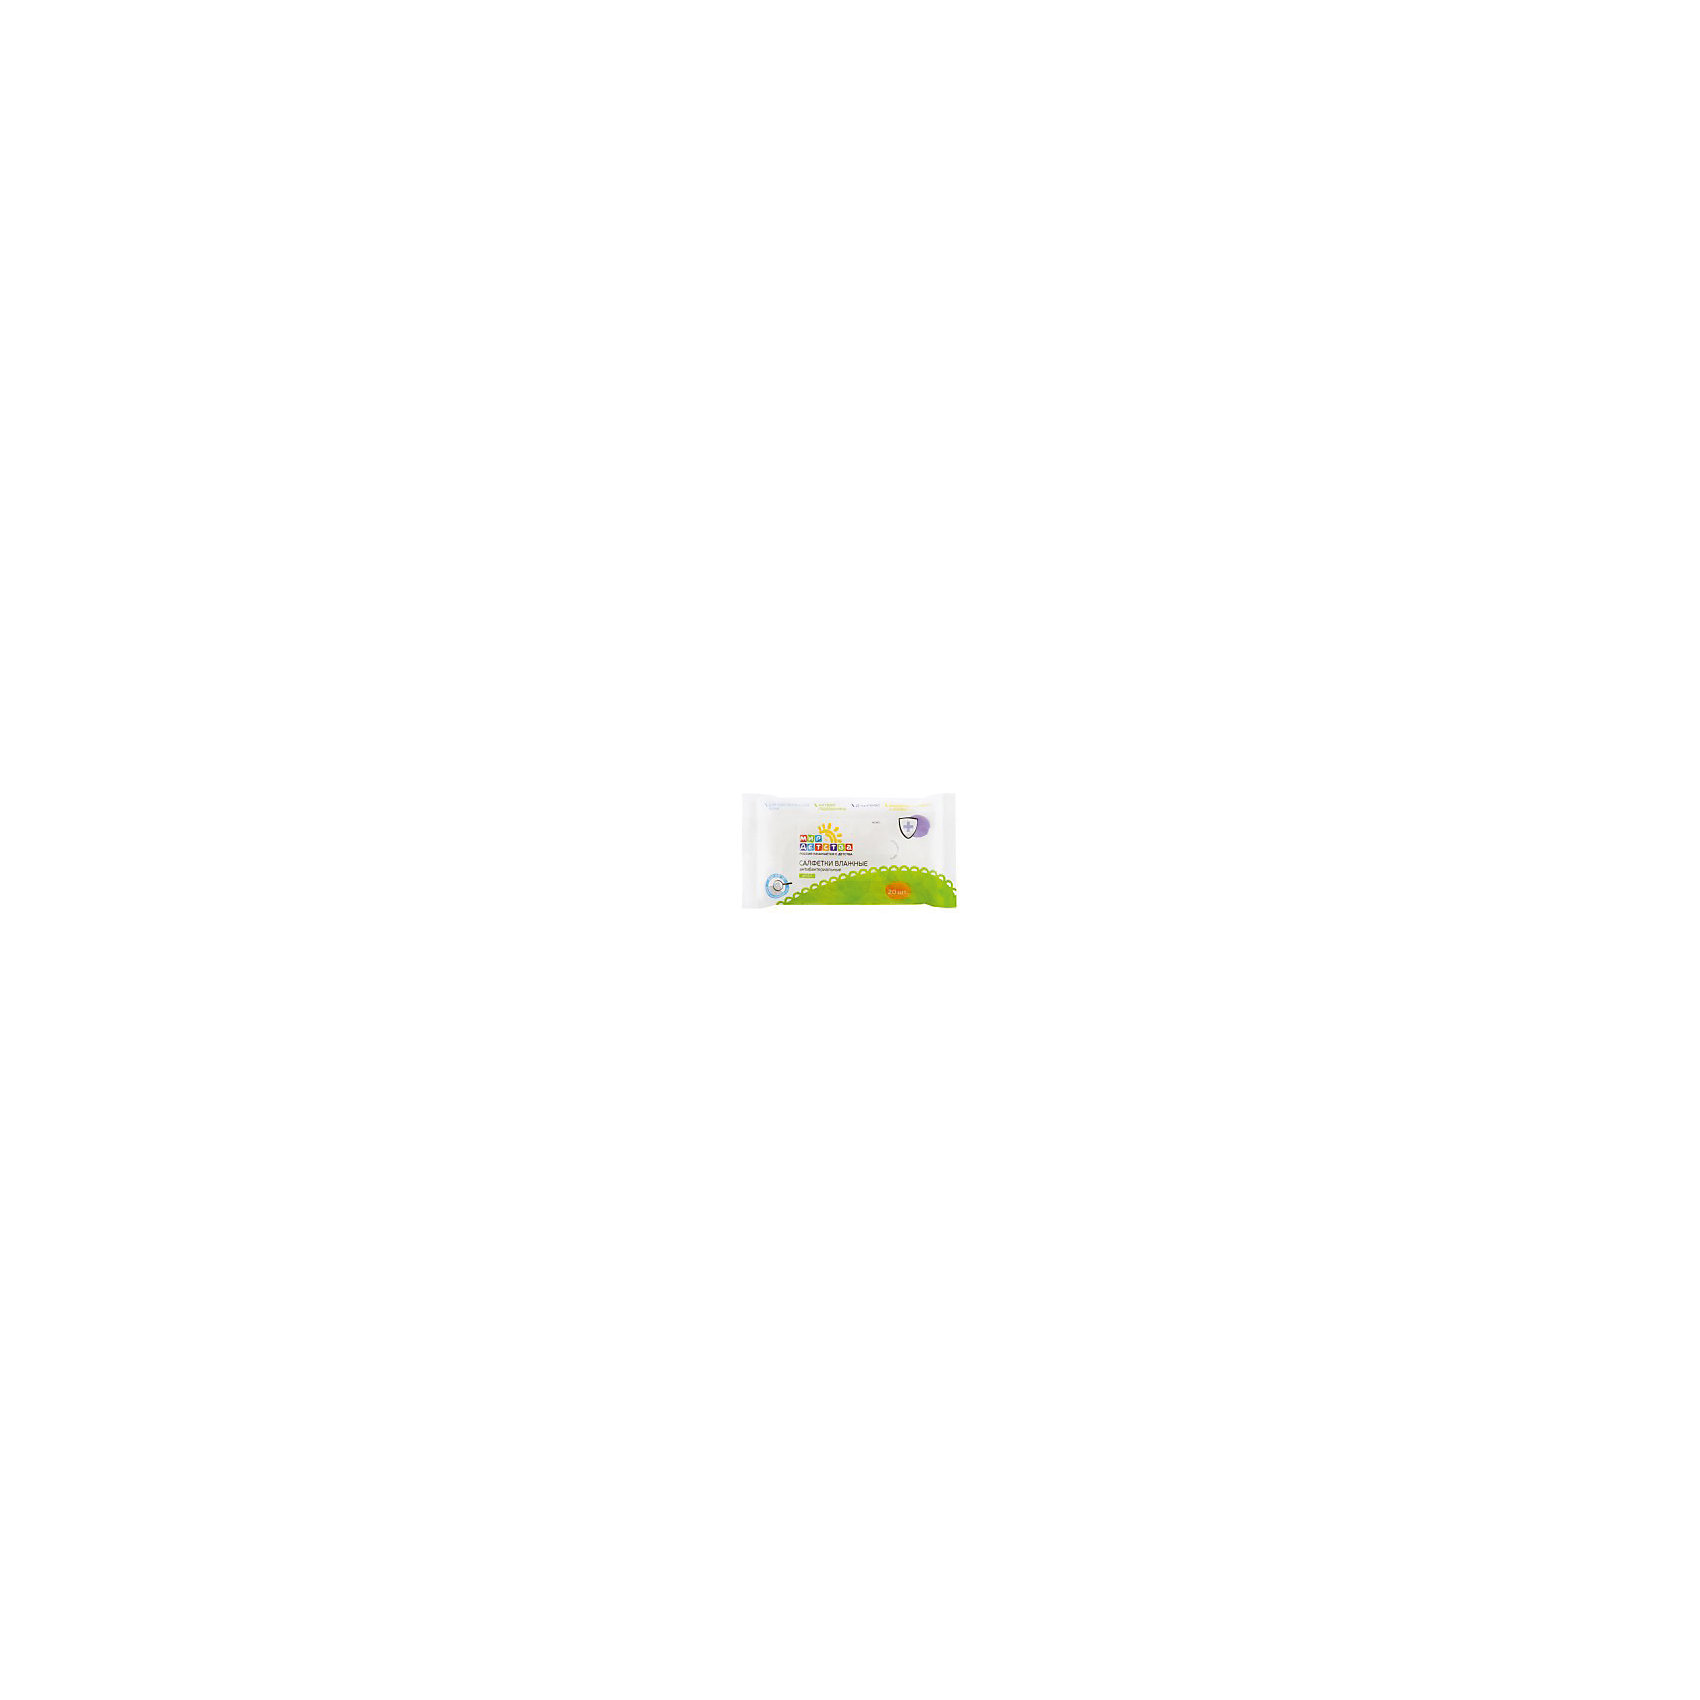 Мир Детства Салфетки антибактериальные влажные, 20 шт., Mir Detstva greenty влажные салфетки 20 шт greenty